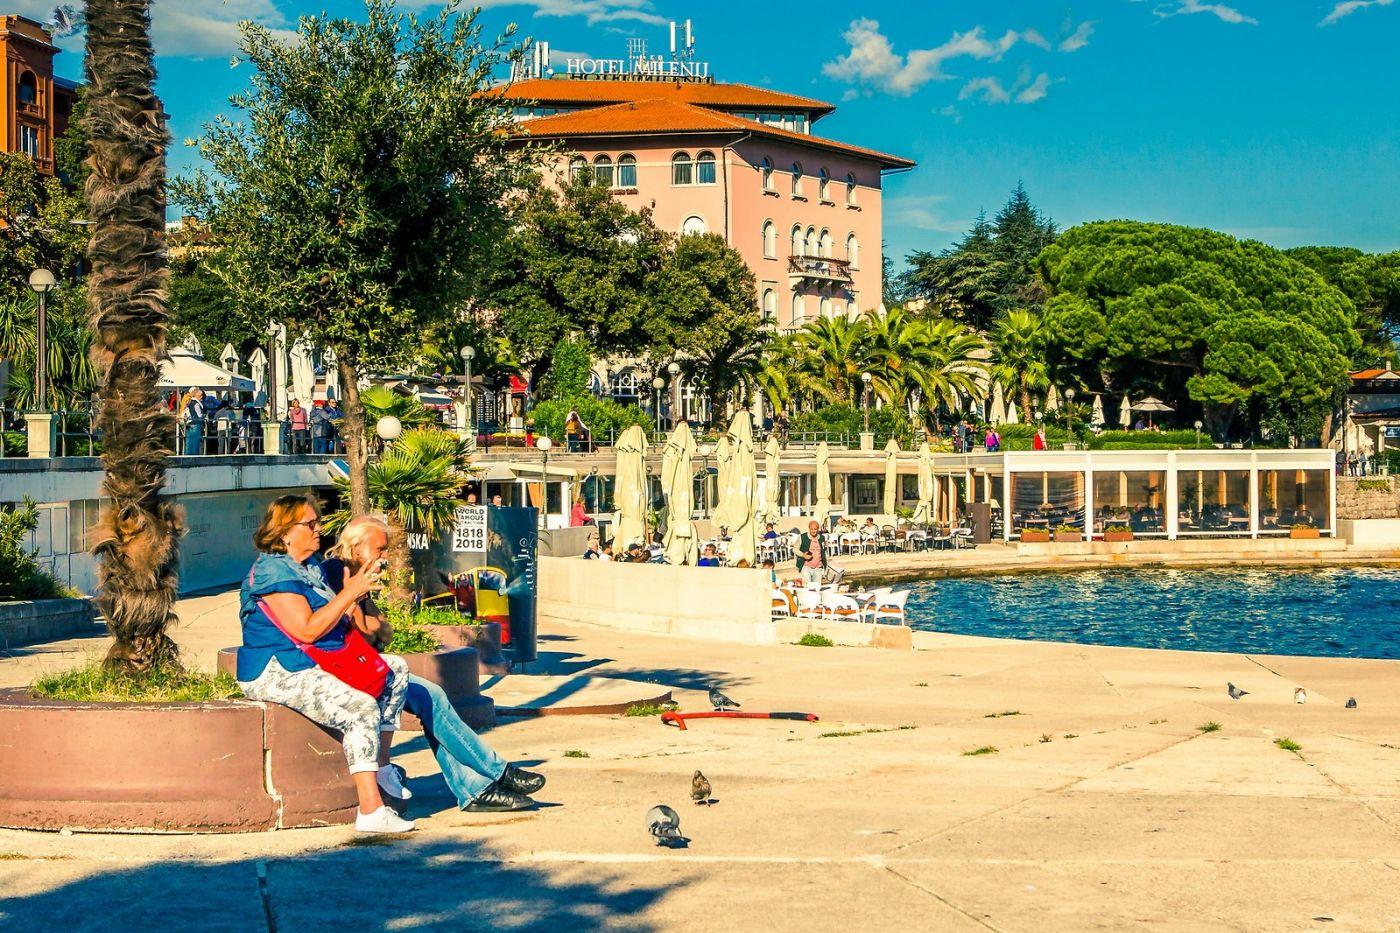 克罗地亚奥帕蒂亚(Opatija),洒满阳光的海滨城市_图1-26